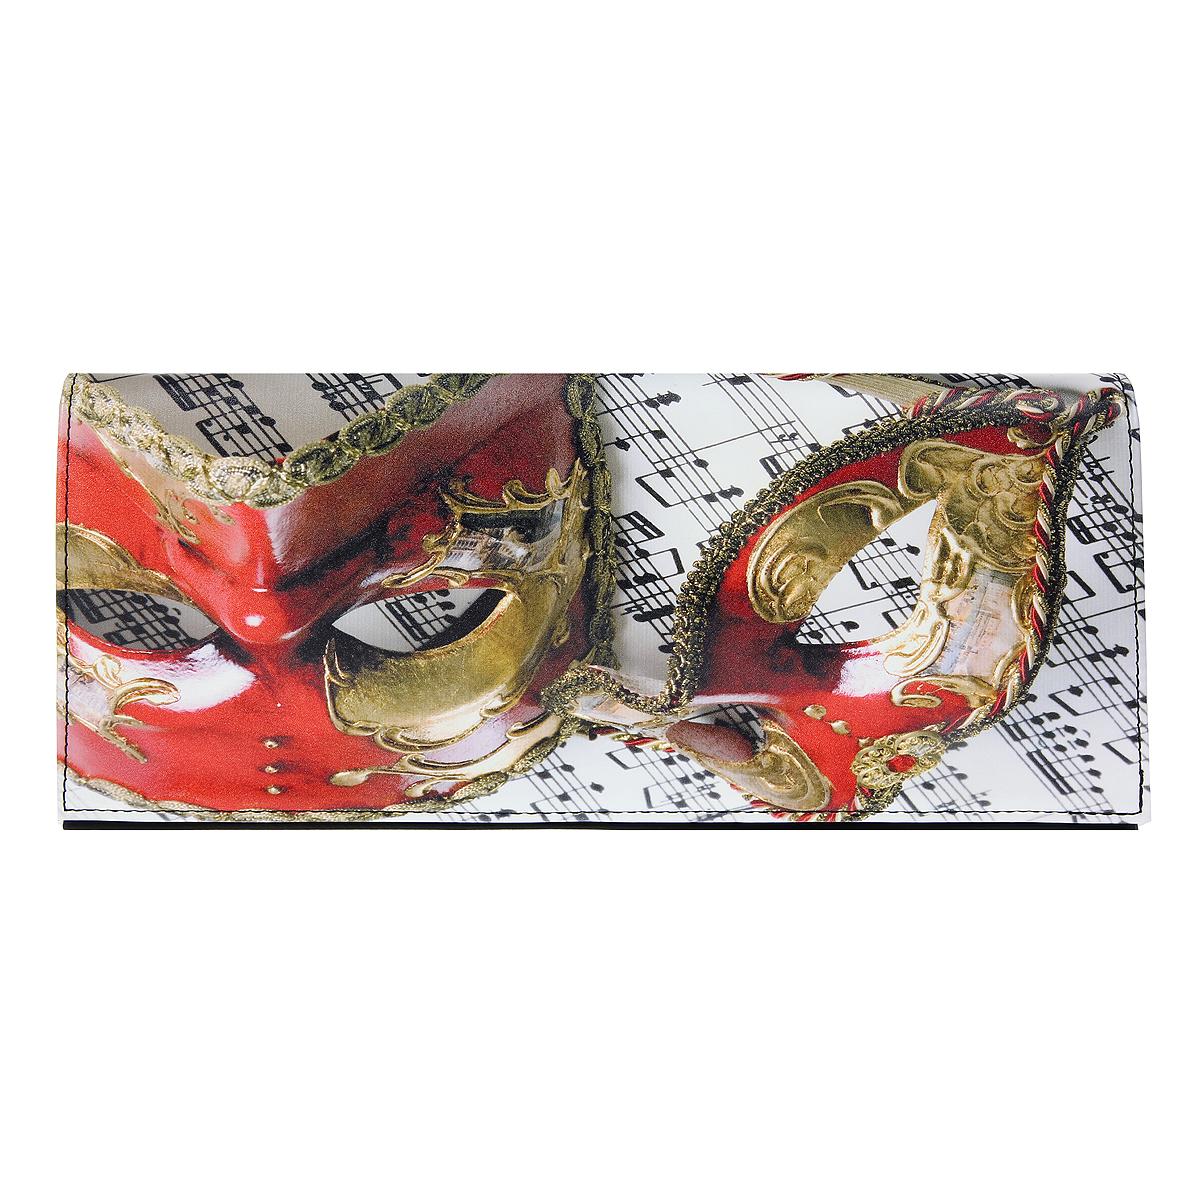 Клатч Flioraj, цвет: черный, белый. 10184-41/5320/1070/60110184-41/5320/1070/601 маИзысканный и модный клатч Flioraj выполнен из искусственной кожи черно-белого цвета с изображением маски. Клатч застегивается клапаном на магнитные кнопки и на молнию. Внутри расположено - два отделения, разделенные по середине отдельным карманом на молнии, накладной карман для мелочей. К клатчу прилагаются два съемных ремня. Такой клатч станет идеальным дополнением к весеннему настроению. Характеристики: Материал: искусственная кожа, текстиль, металл. Цвет: черный, белый. Длина плечевого ремня: 40-80 см. Размер (в сложенном виде): 30 см х 14 см х 5 см. Артикул: 10184-41/5320/1070/601.